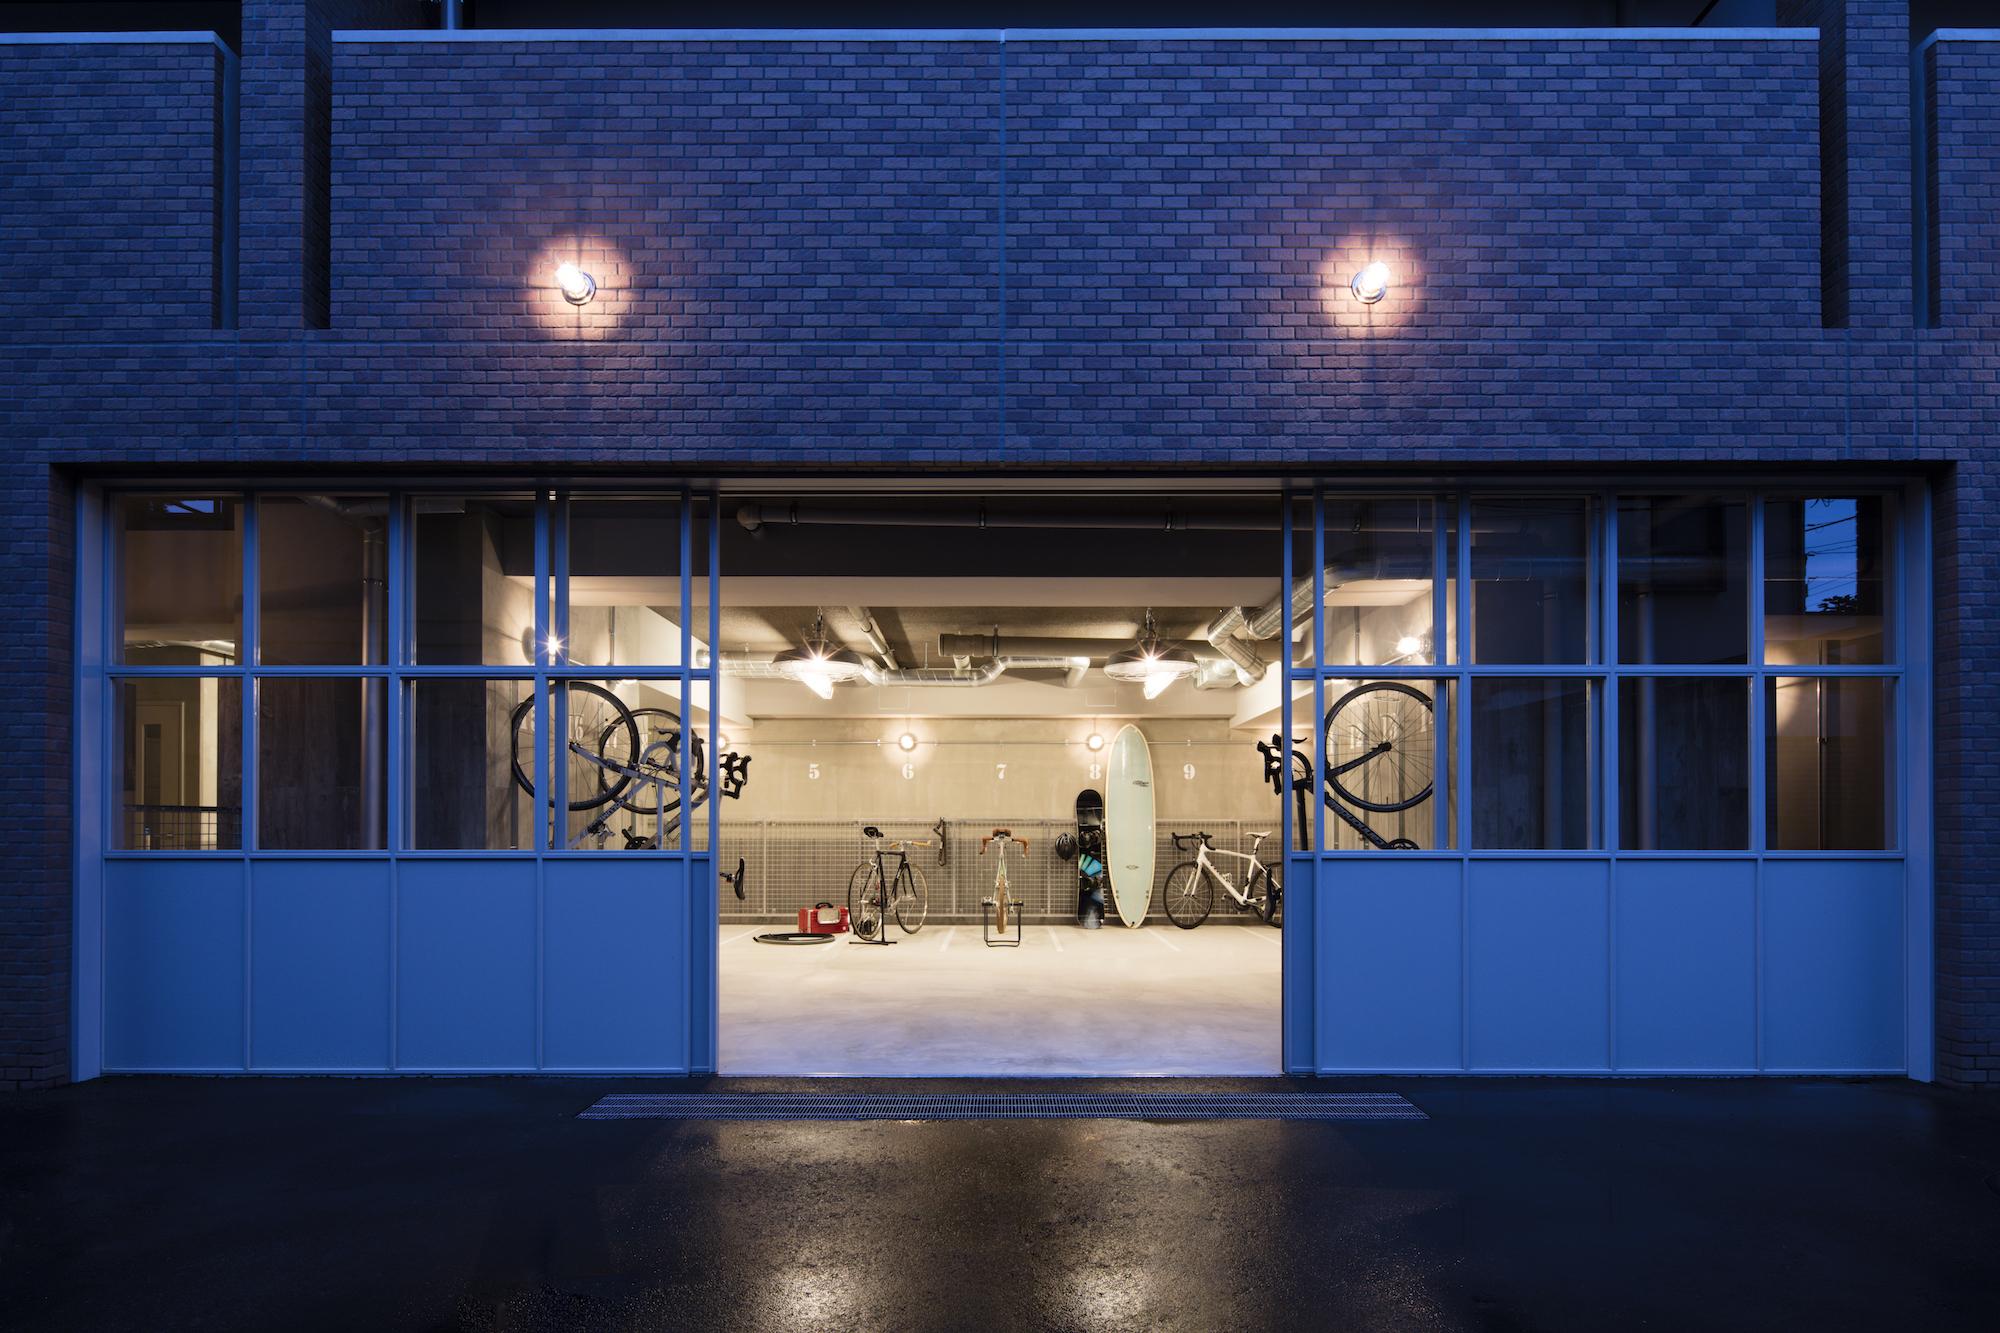 メンテナンススペースも設けてありますので、大切な自転車のお手入れも気軽にできます。 イメージ